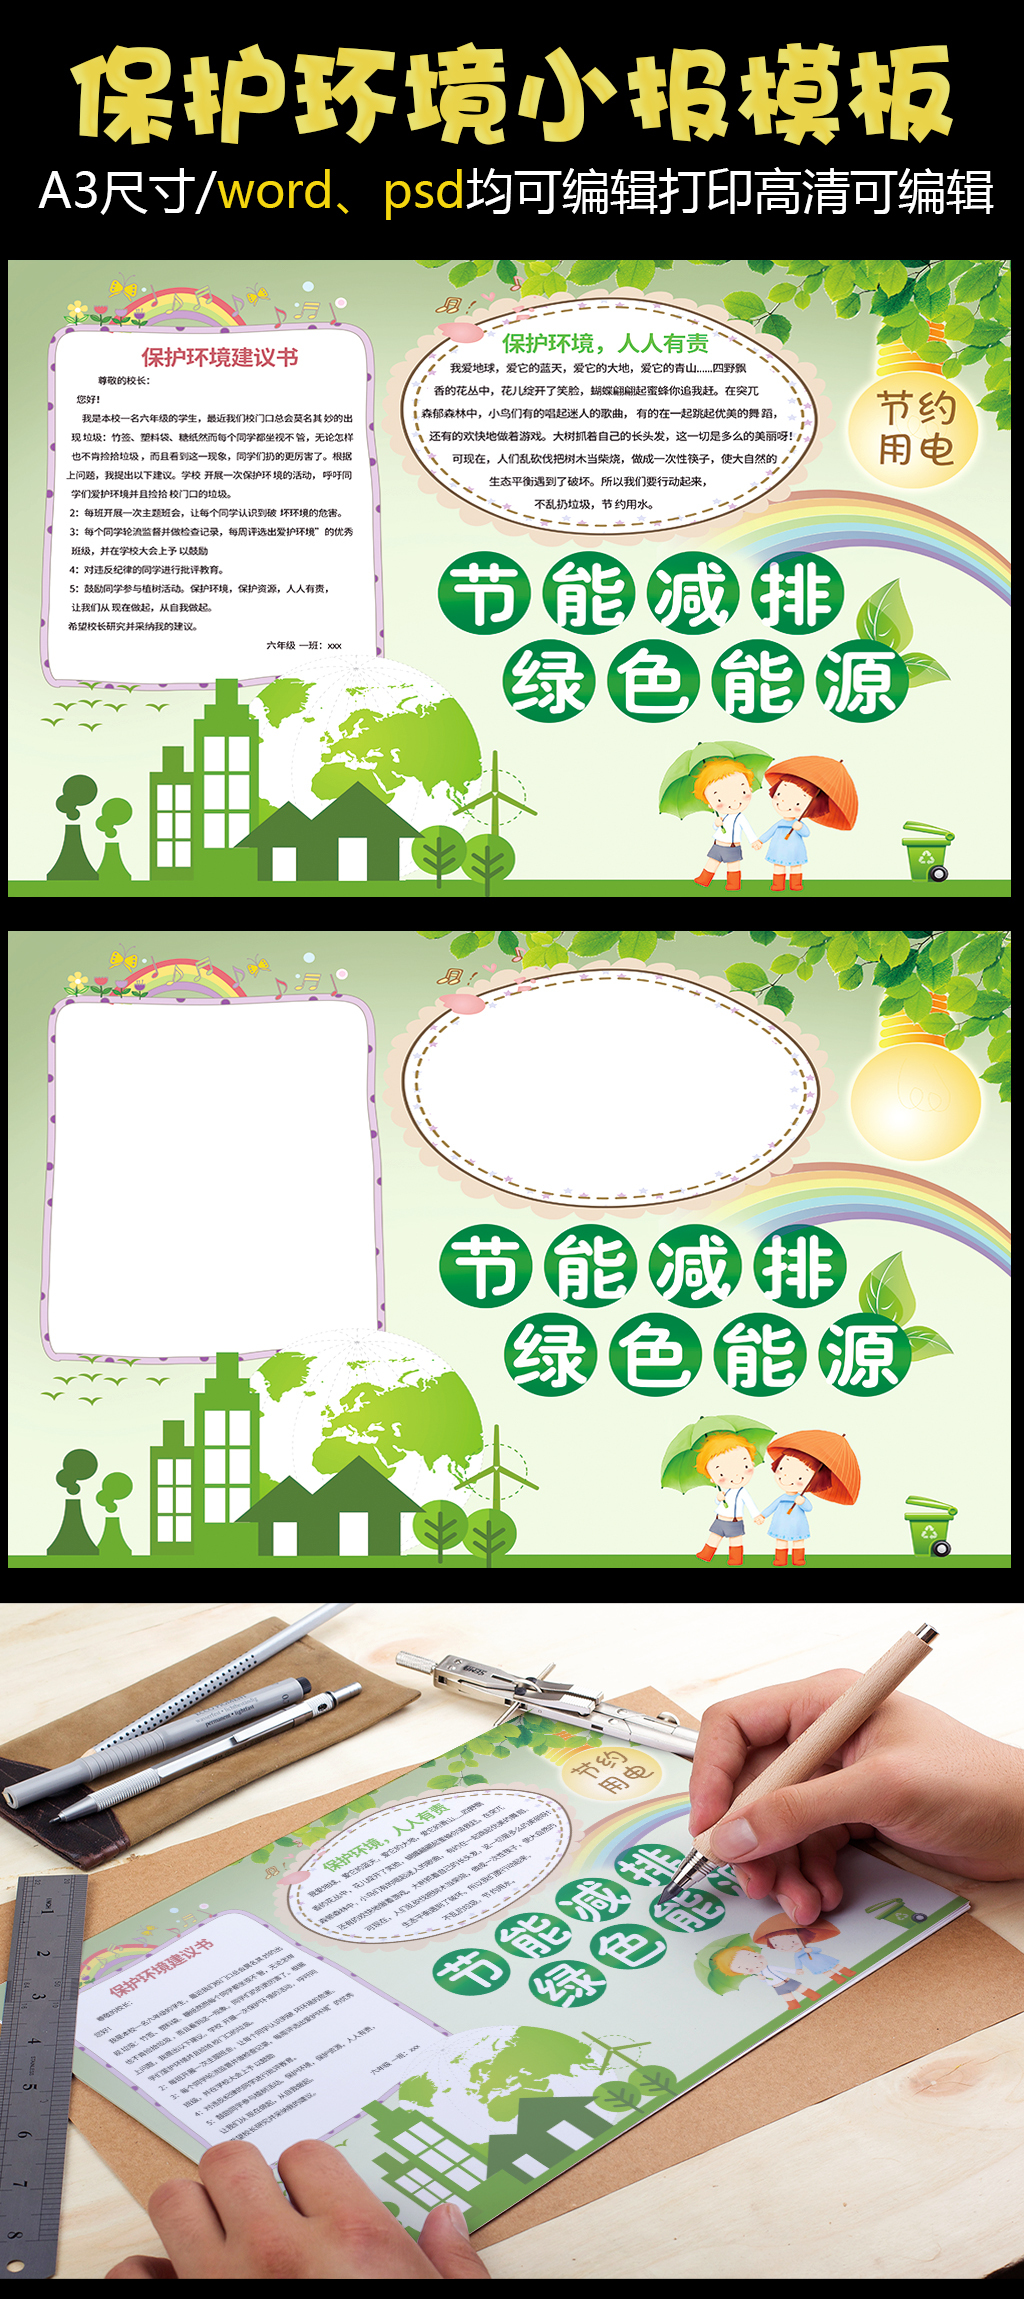 保护环境节能减排绿色能源小报模板图片设计素材 高清PSD下载 99.05